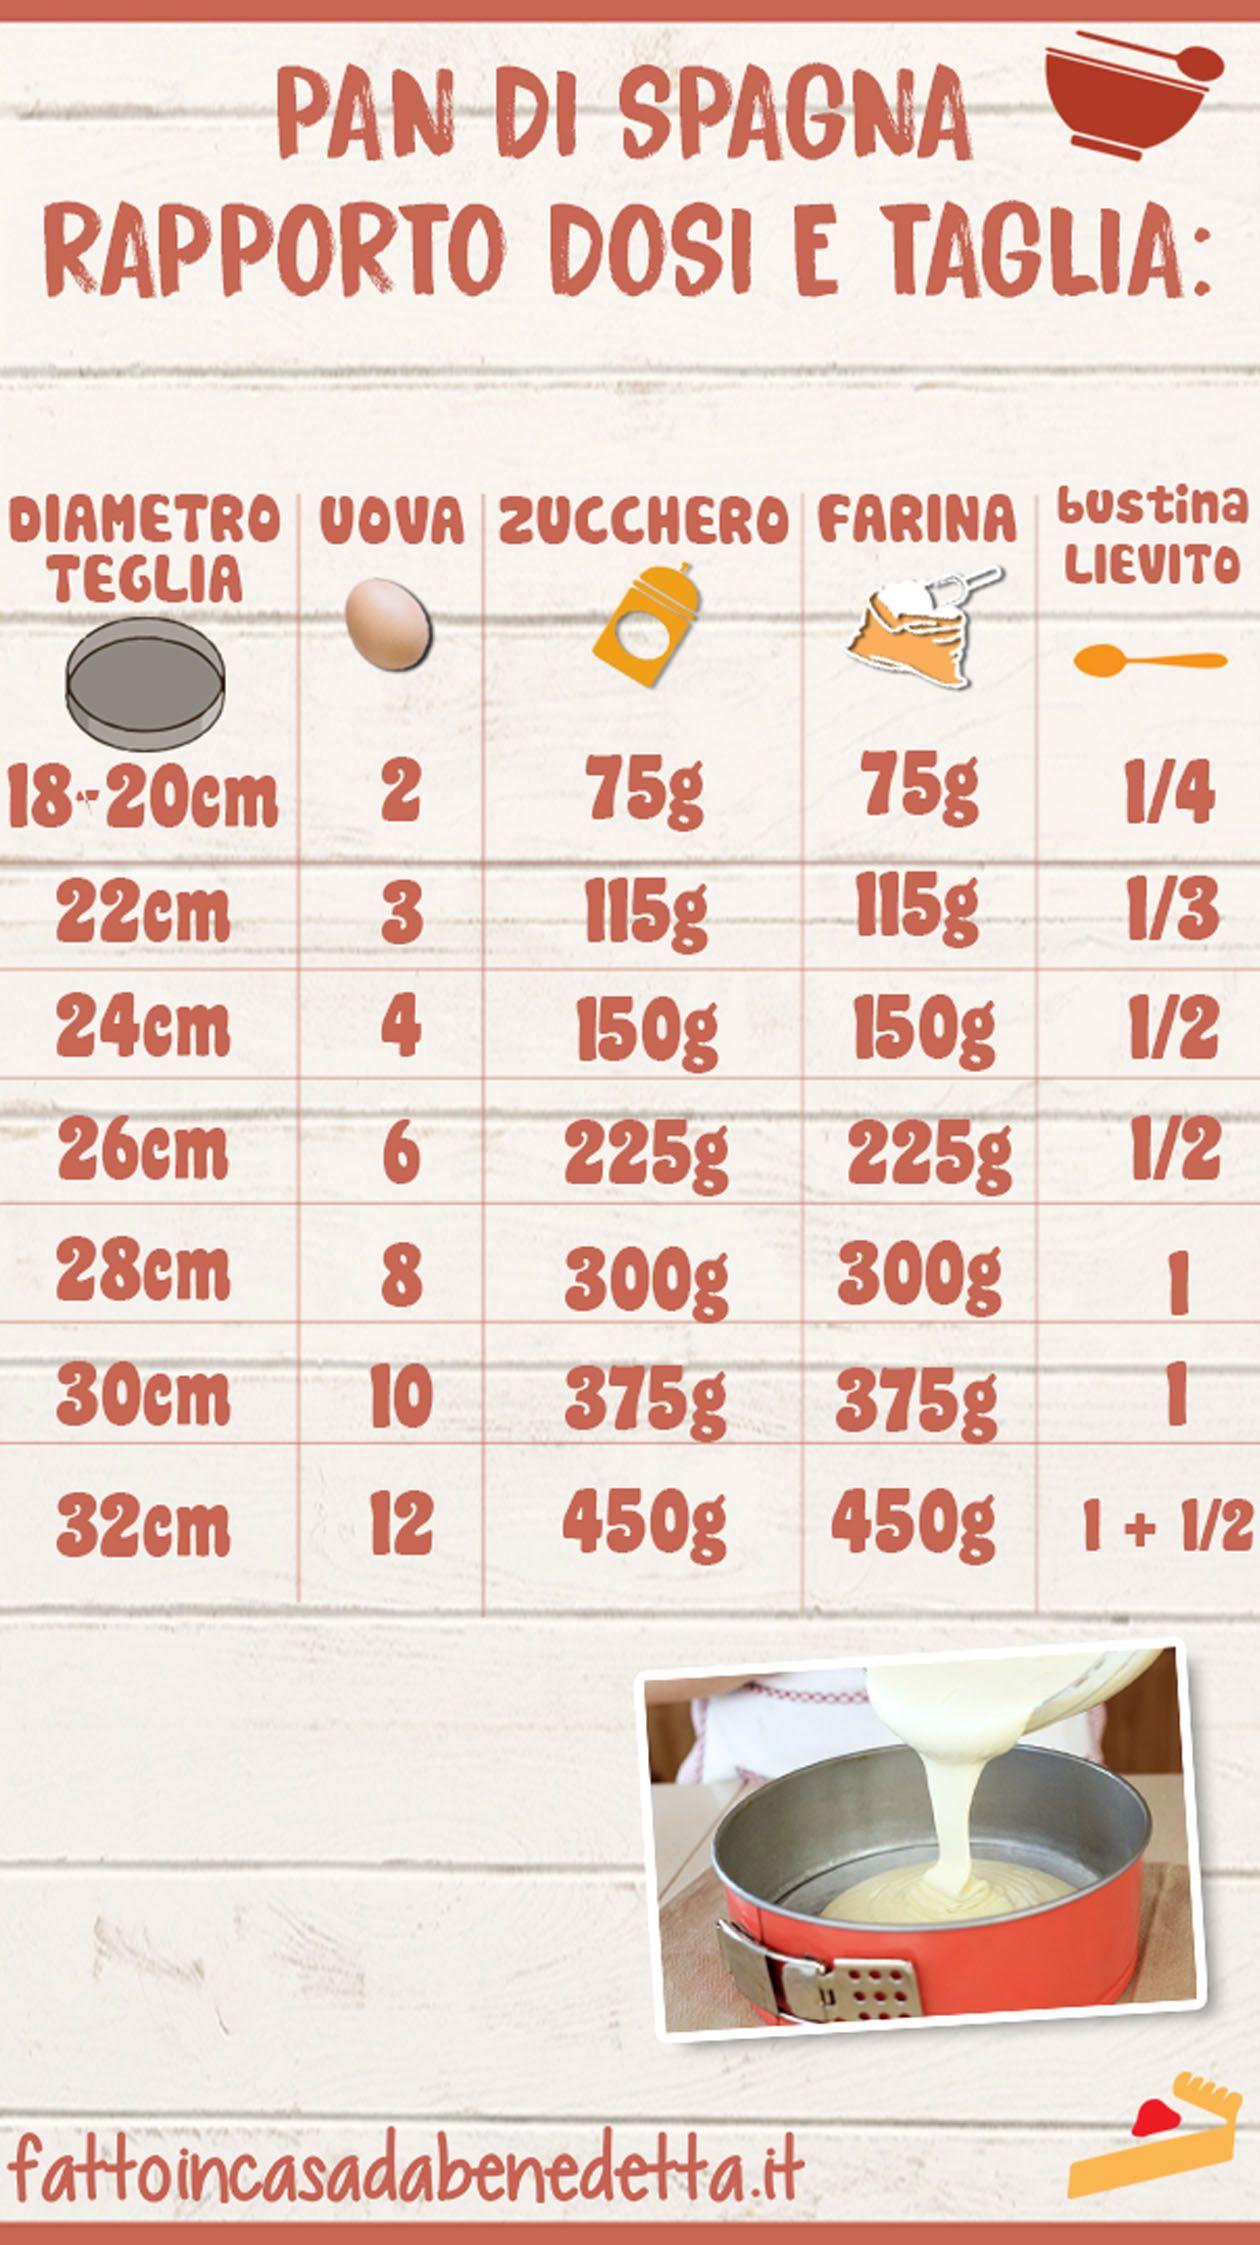 Ricetta Pan Di Spagna Dosi Per 20 Persone.Pan Di Spagna Rapporto Dosi E Teglia Di Benedetta Suggerimenti Per Cucinare Ricette Pan Di Spagna